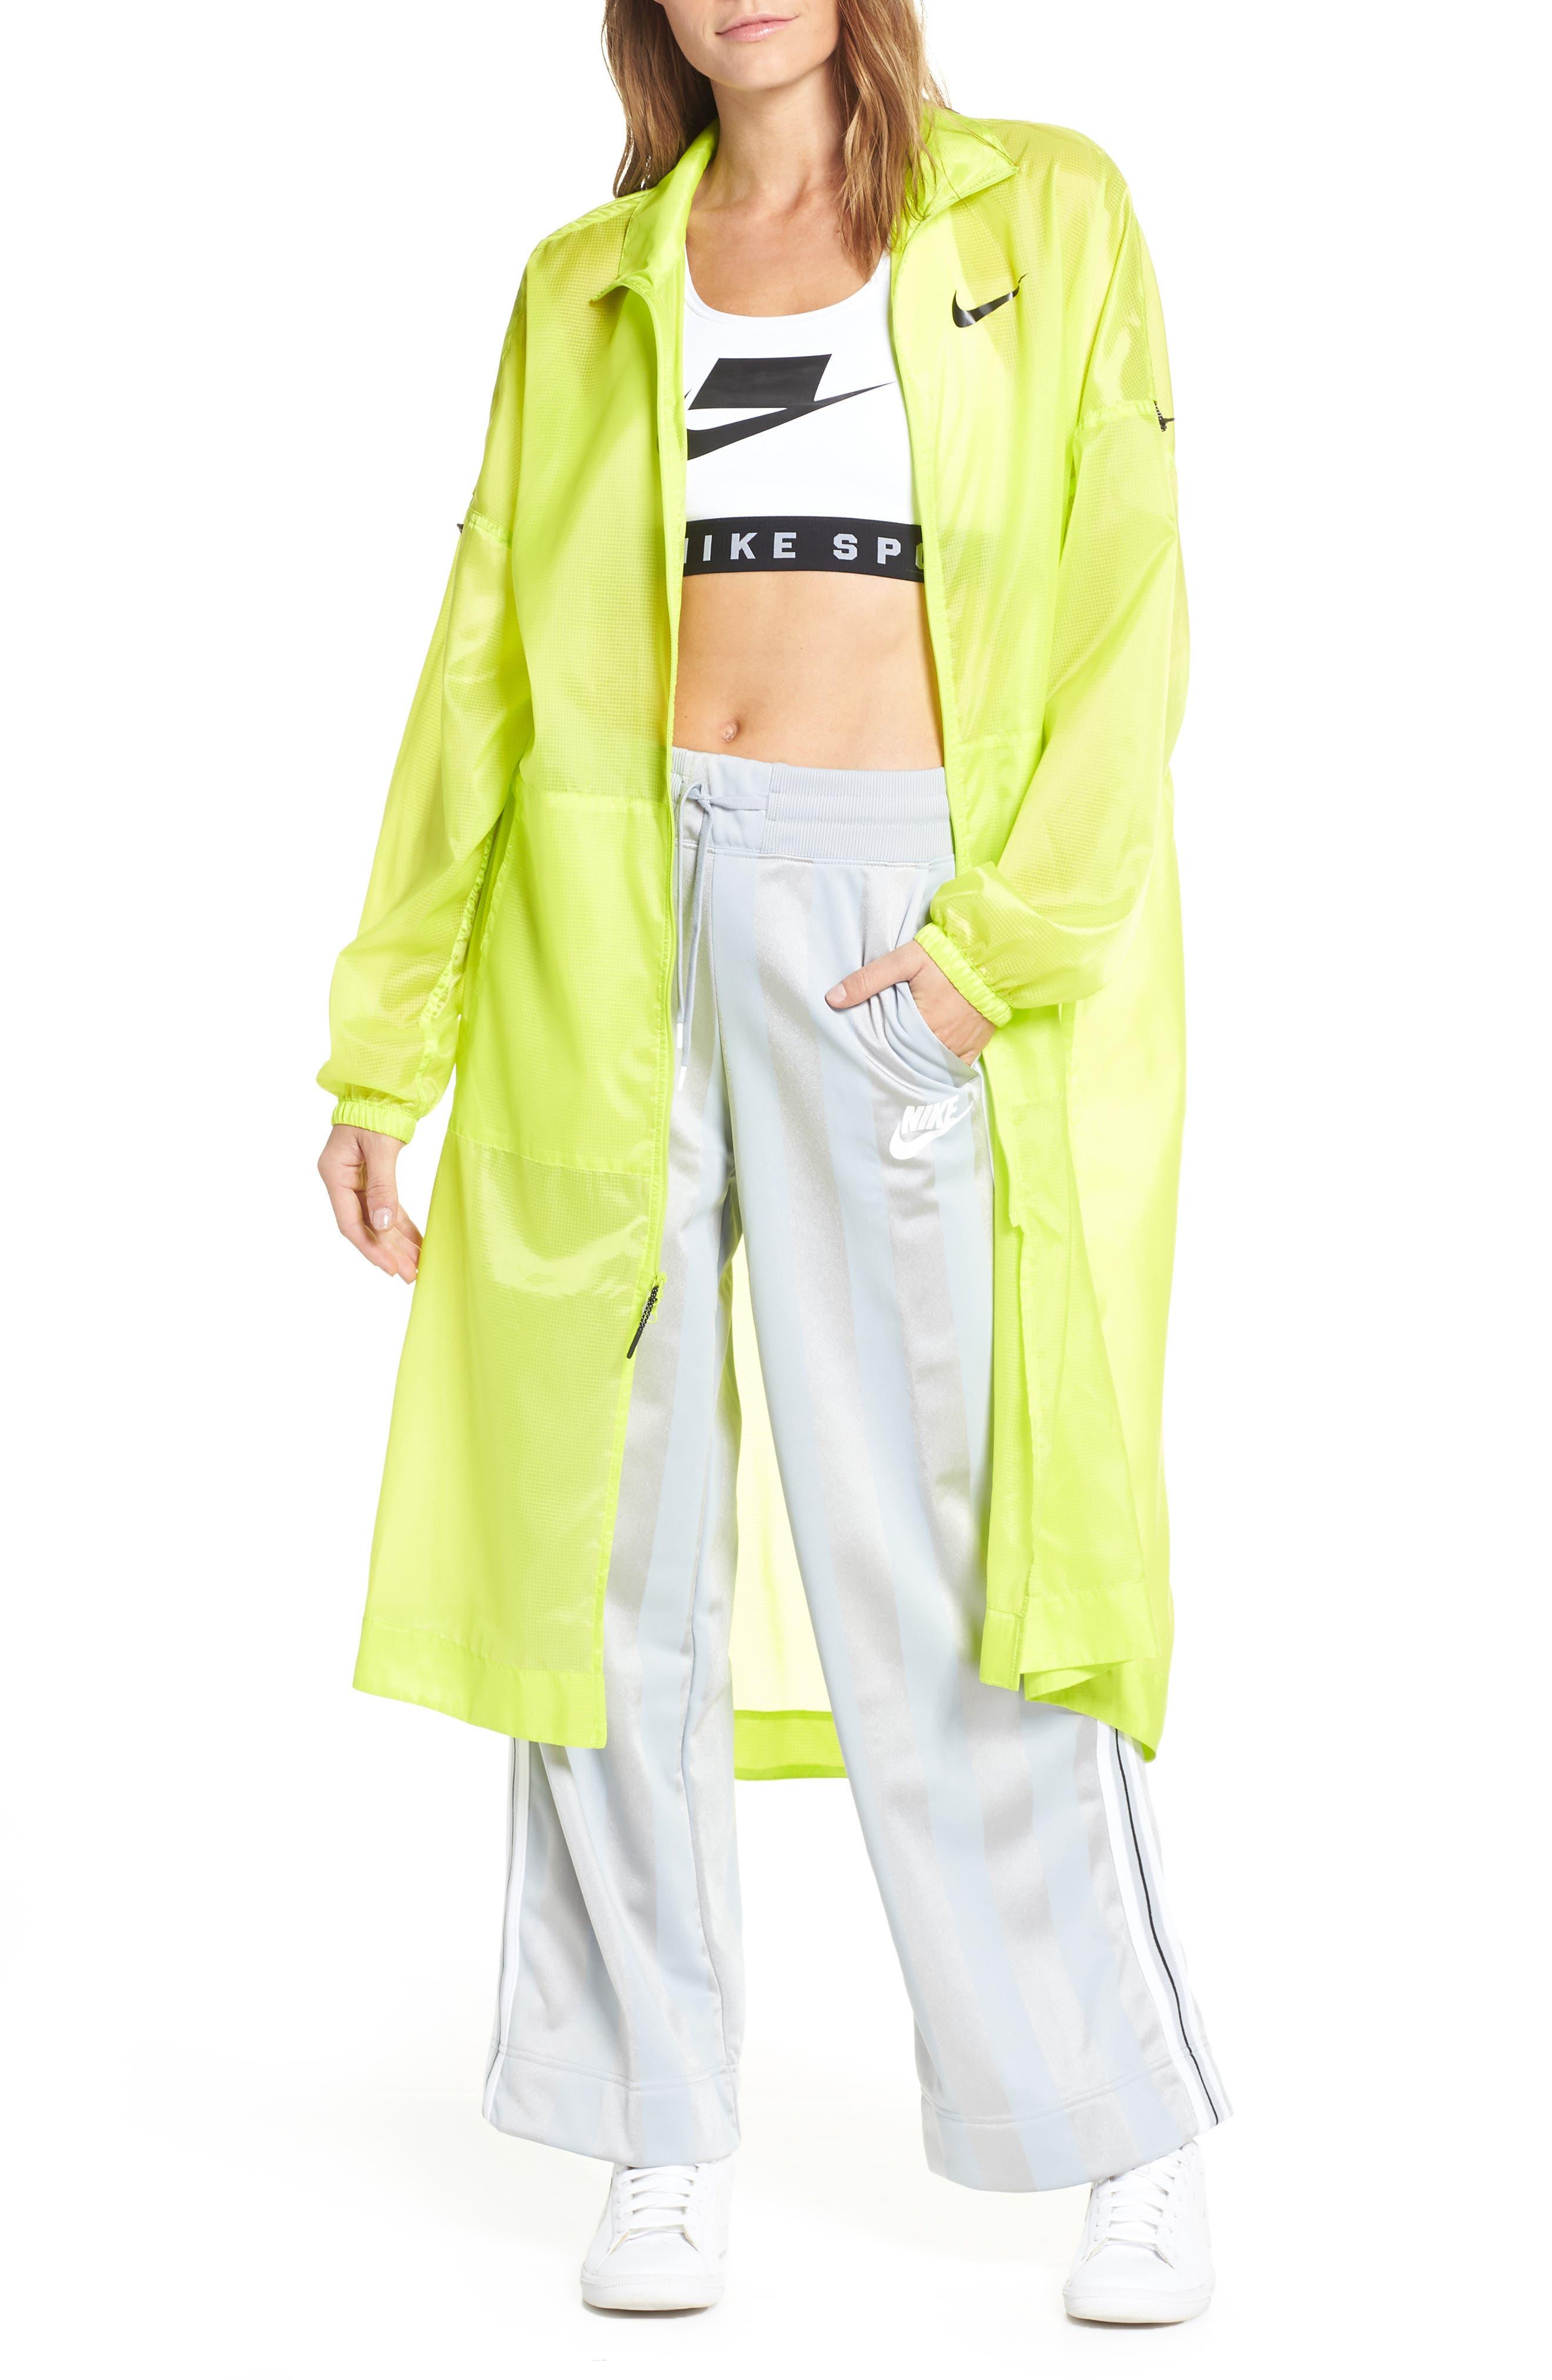 NIKE,                             Sportswear Women's Woven Jacket,                             Main thumbnail 1, color,                             CYBER/ BLACK